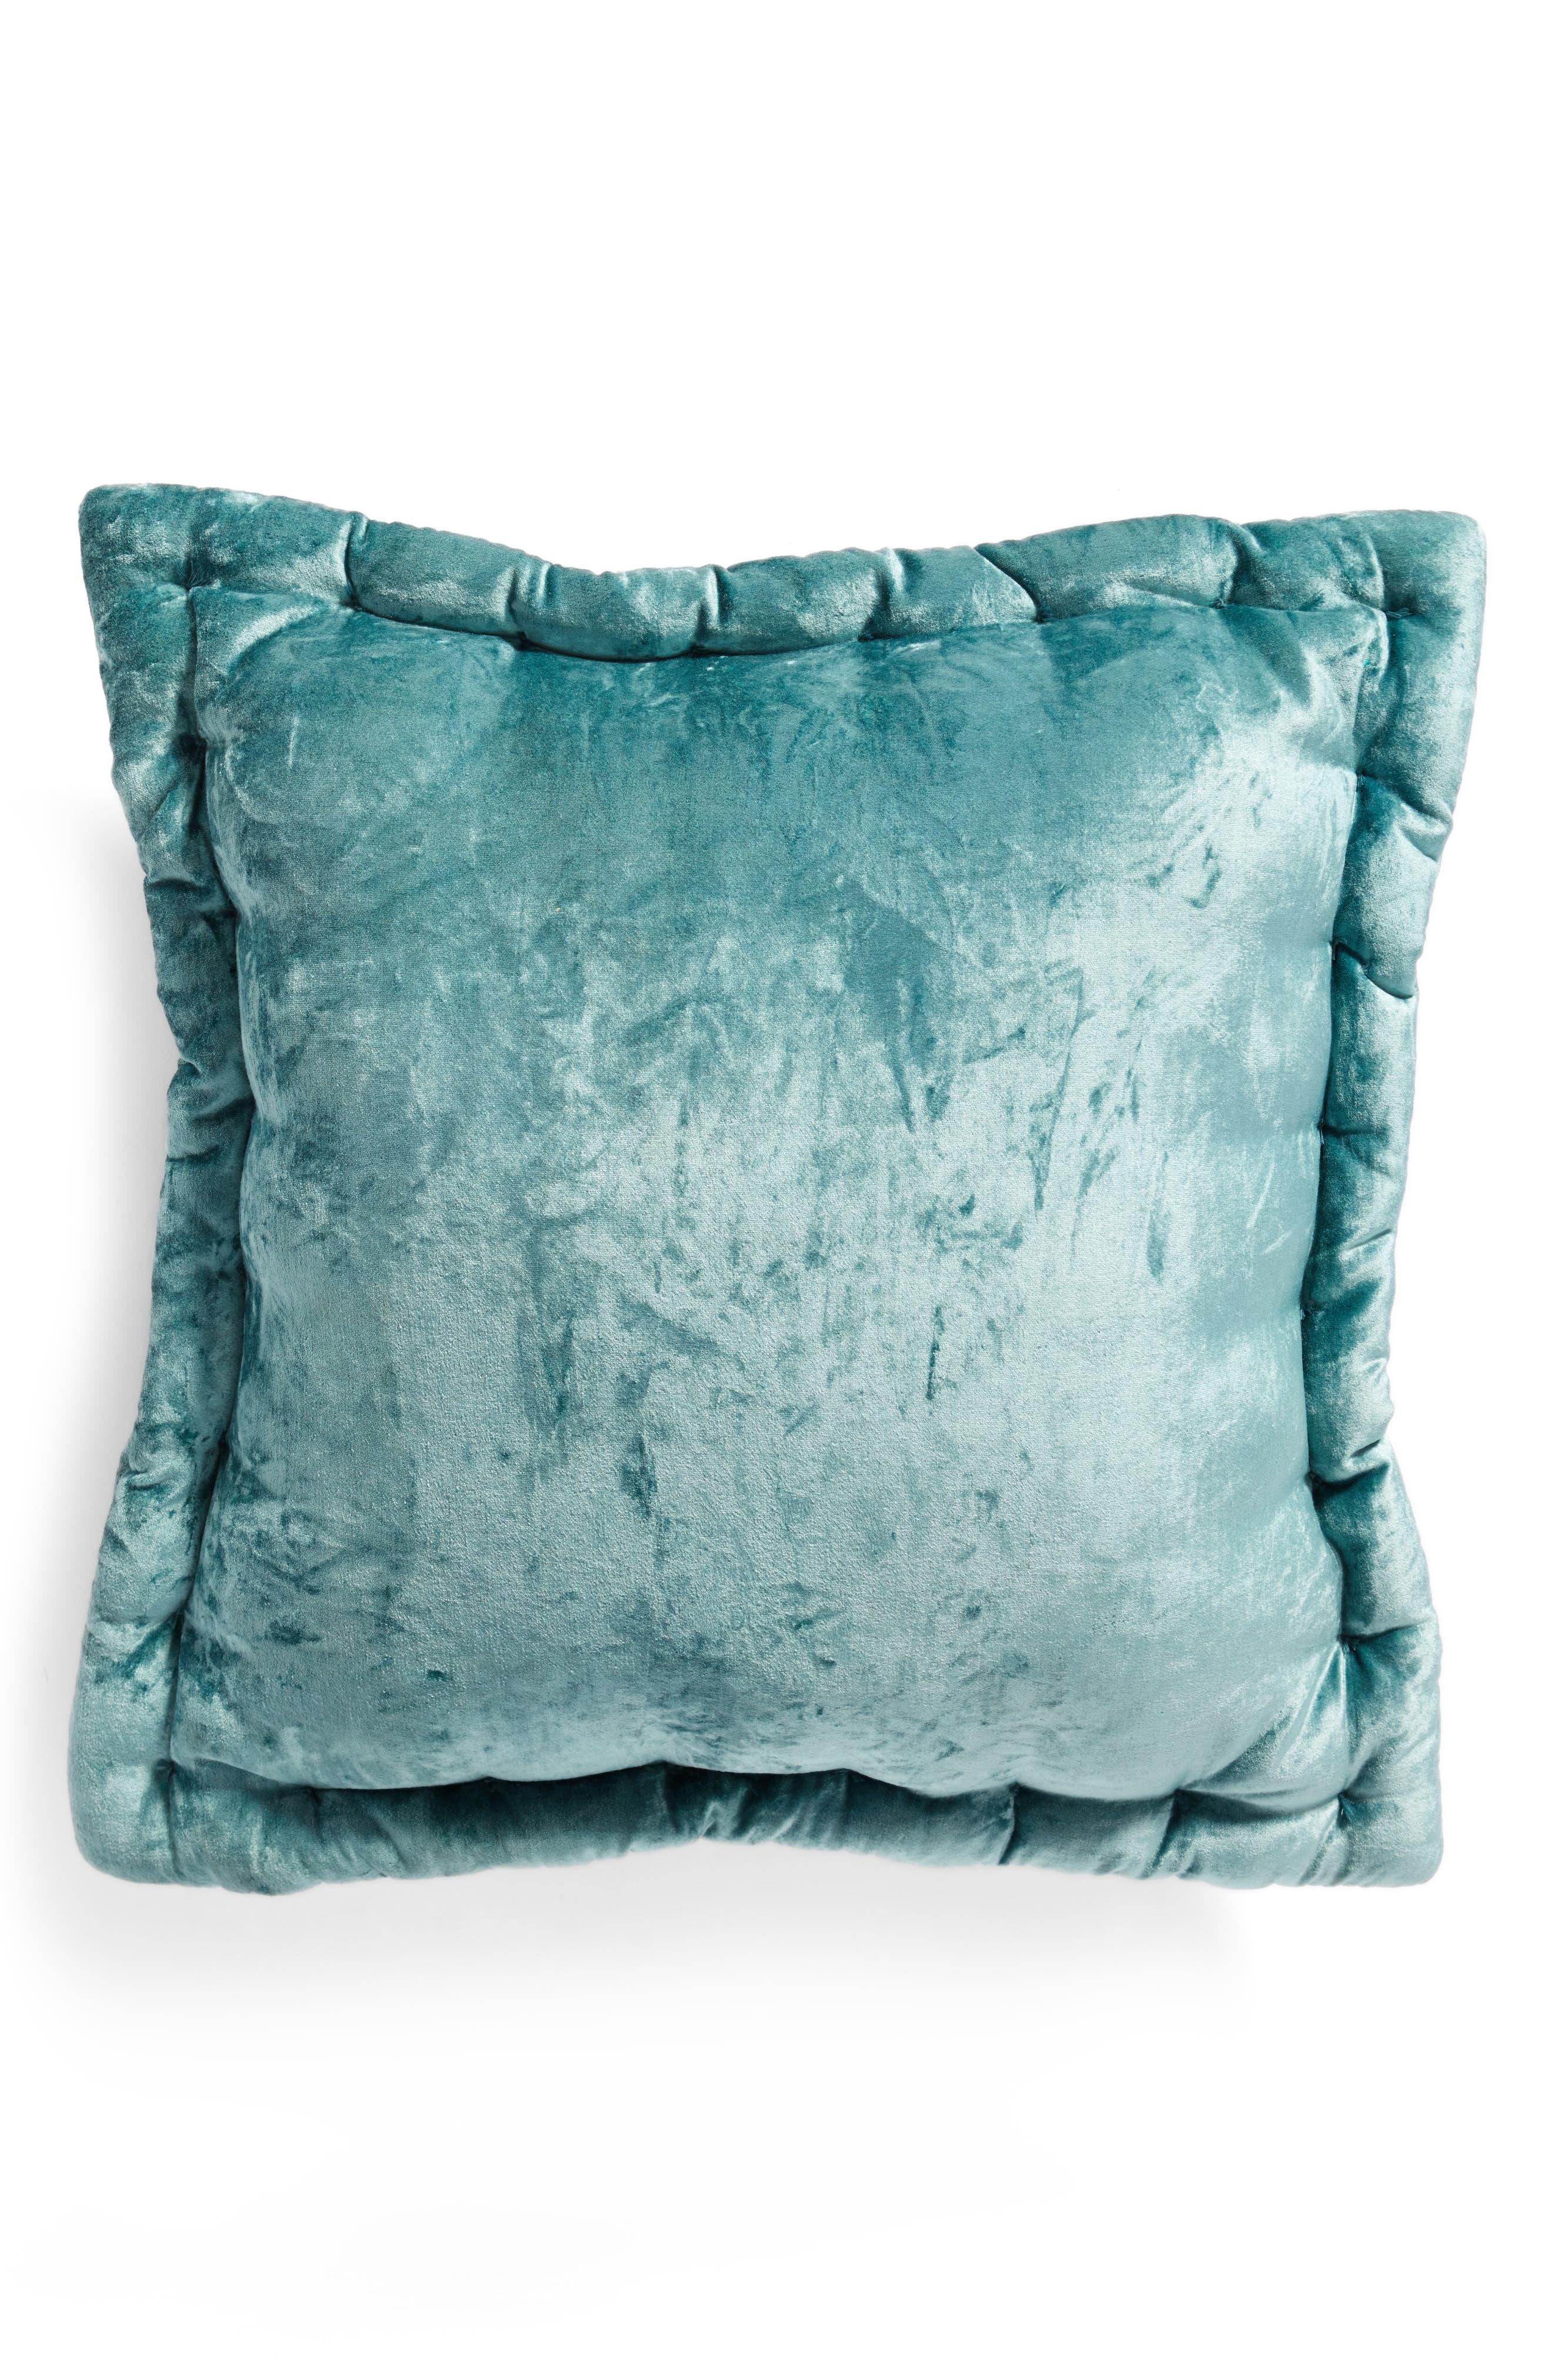 Velvet Accent Pillow,                             Main thumbnail 1, color,                             440